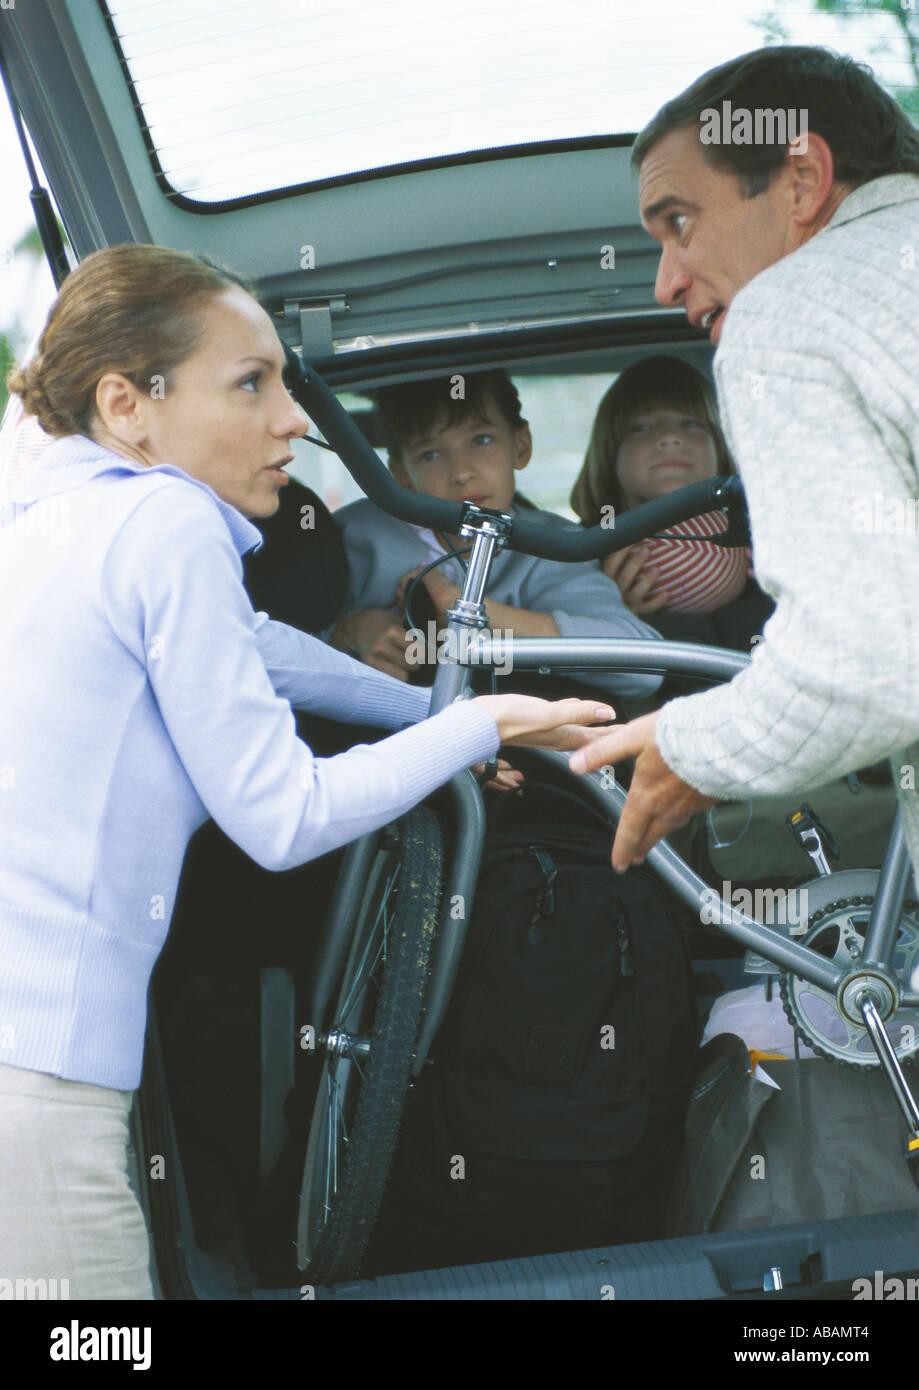 Mettre les parents en vélo coffre de voiture et à discuter pendant que les enfants regardent à partir de la location Banque D'Images